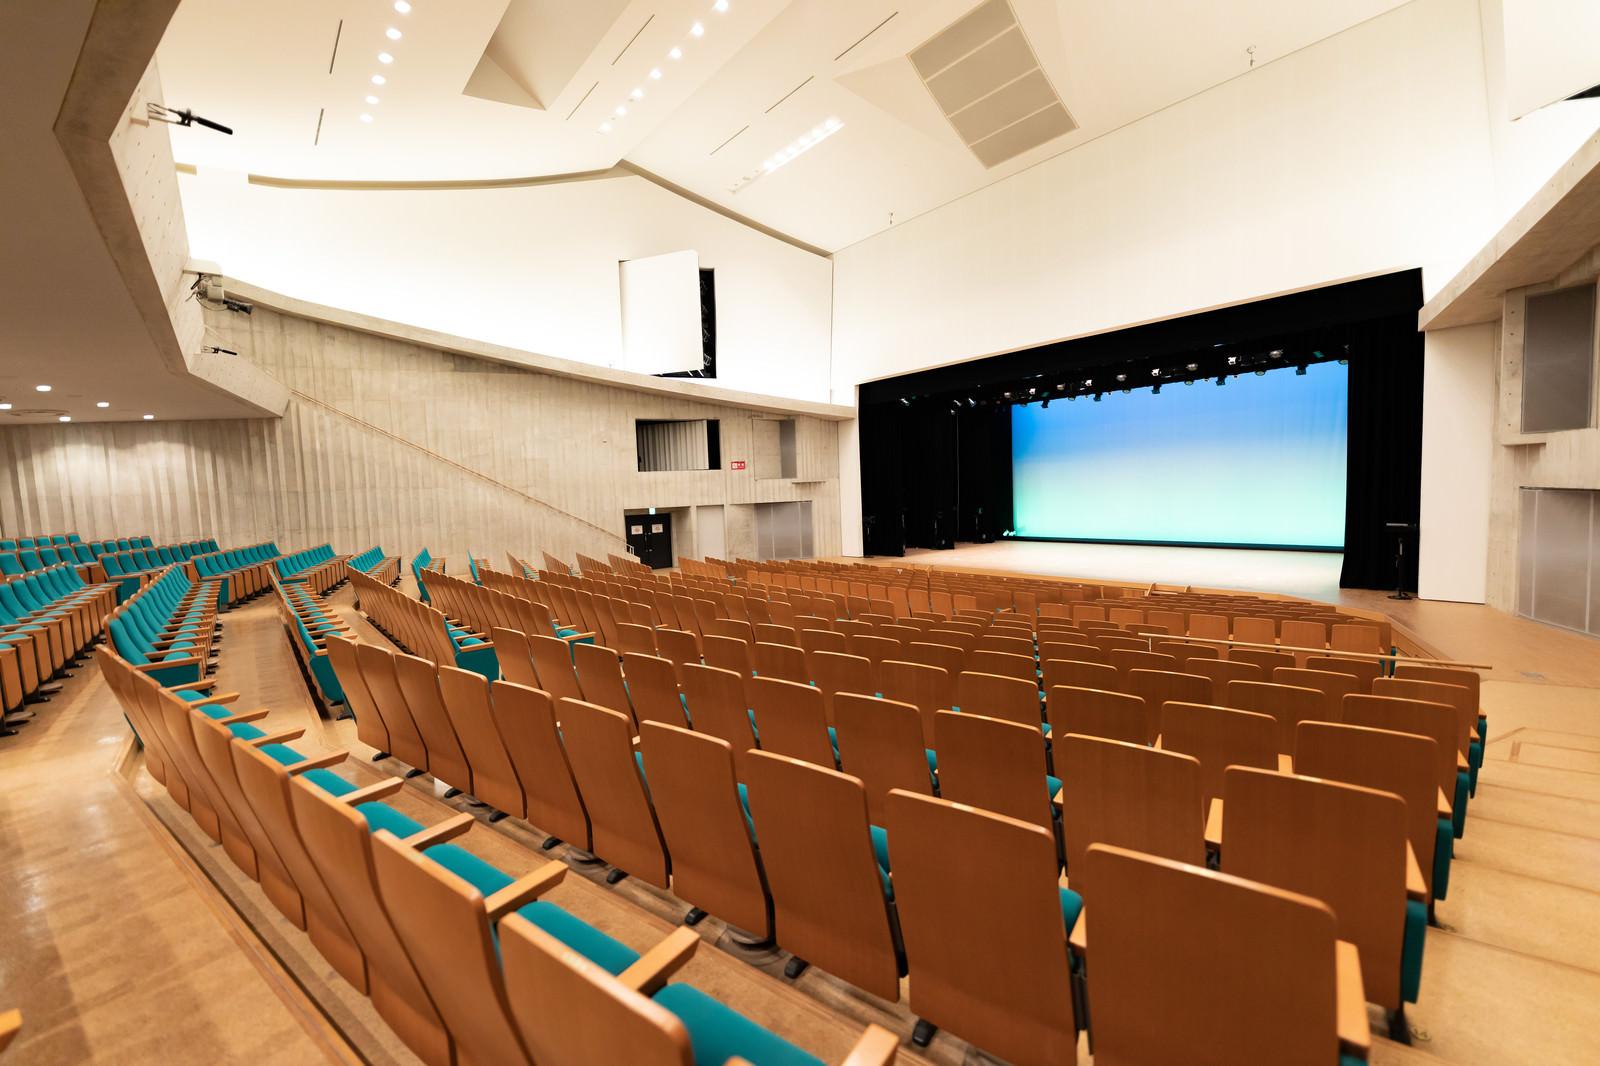 「時津町にあるコンサートホール」の写真